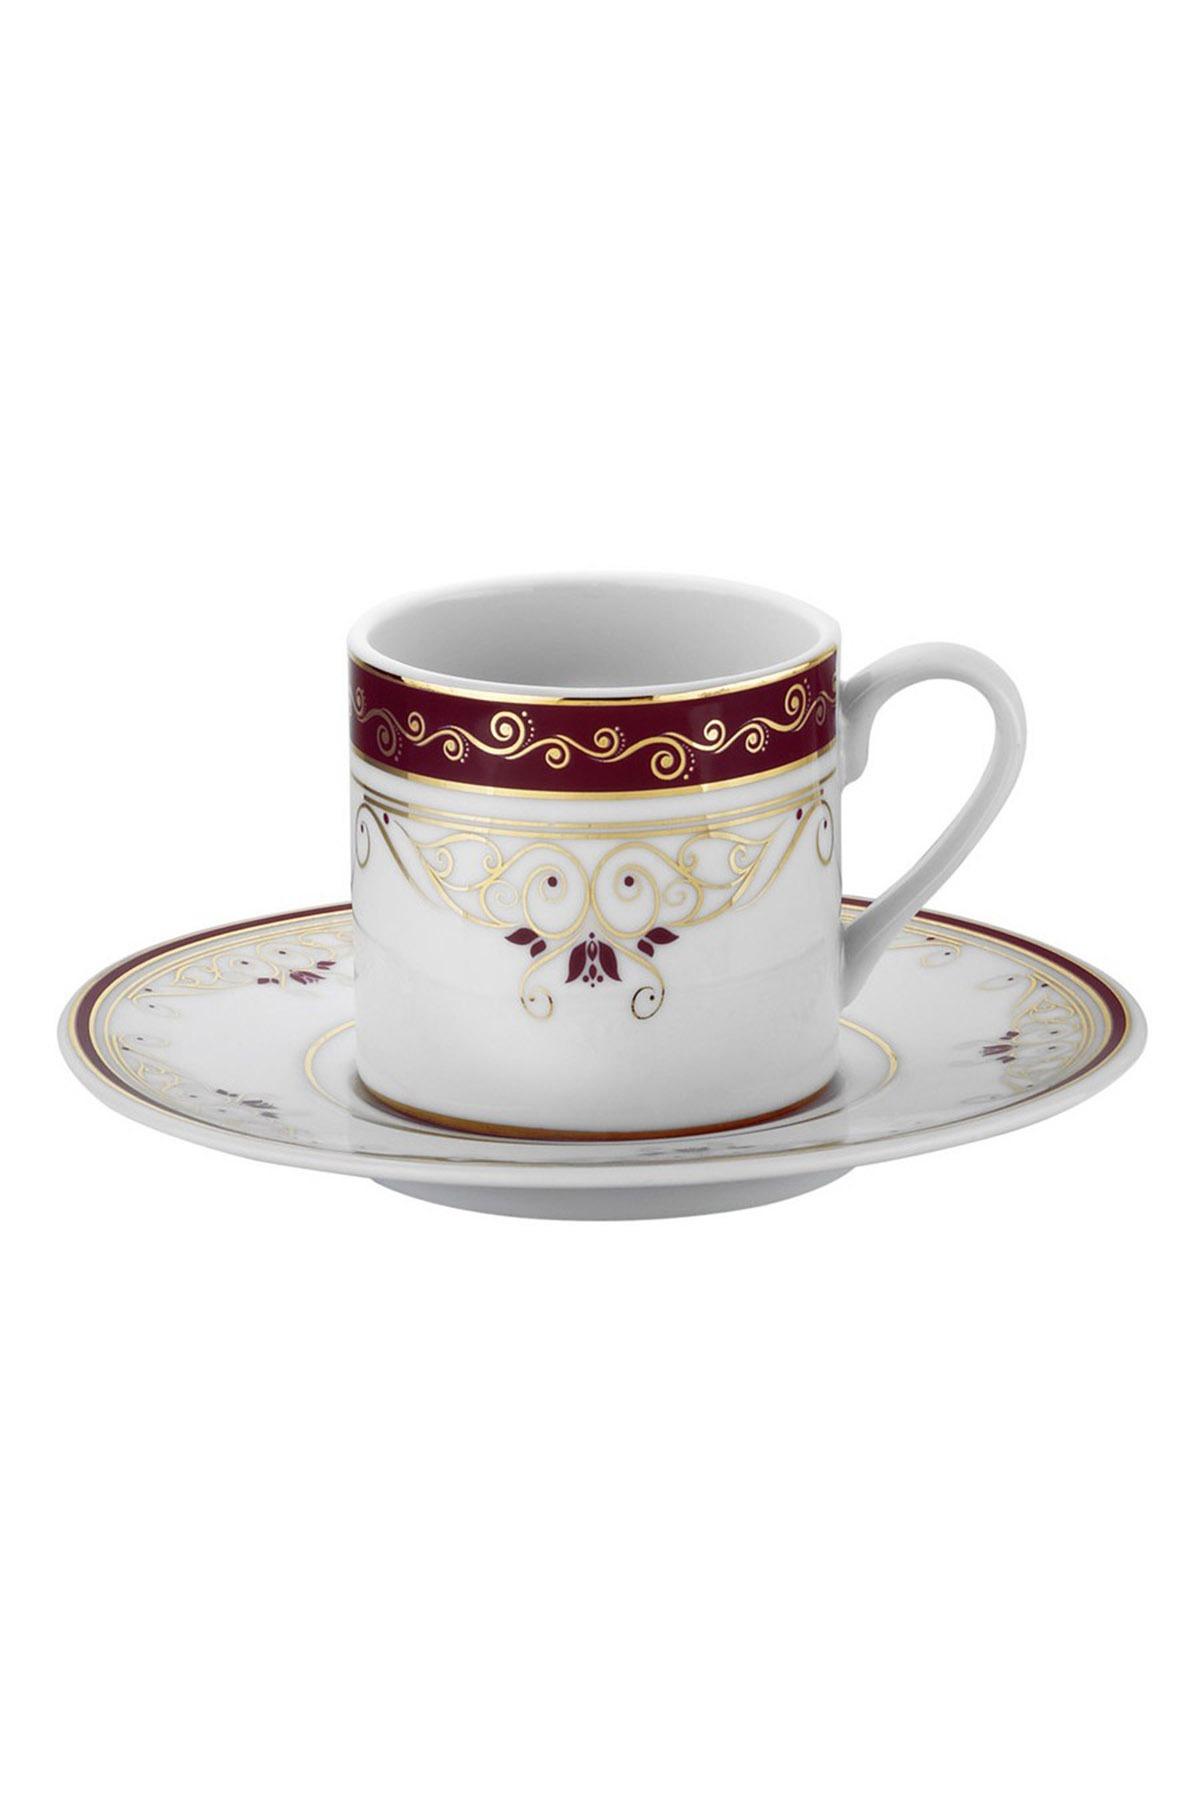 Kütahya Porselen - Kütahya Porselen Rüya 7505 Desen Kahve Fincan Takımı